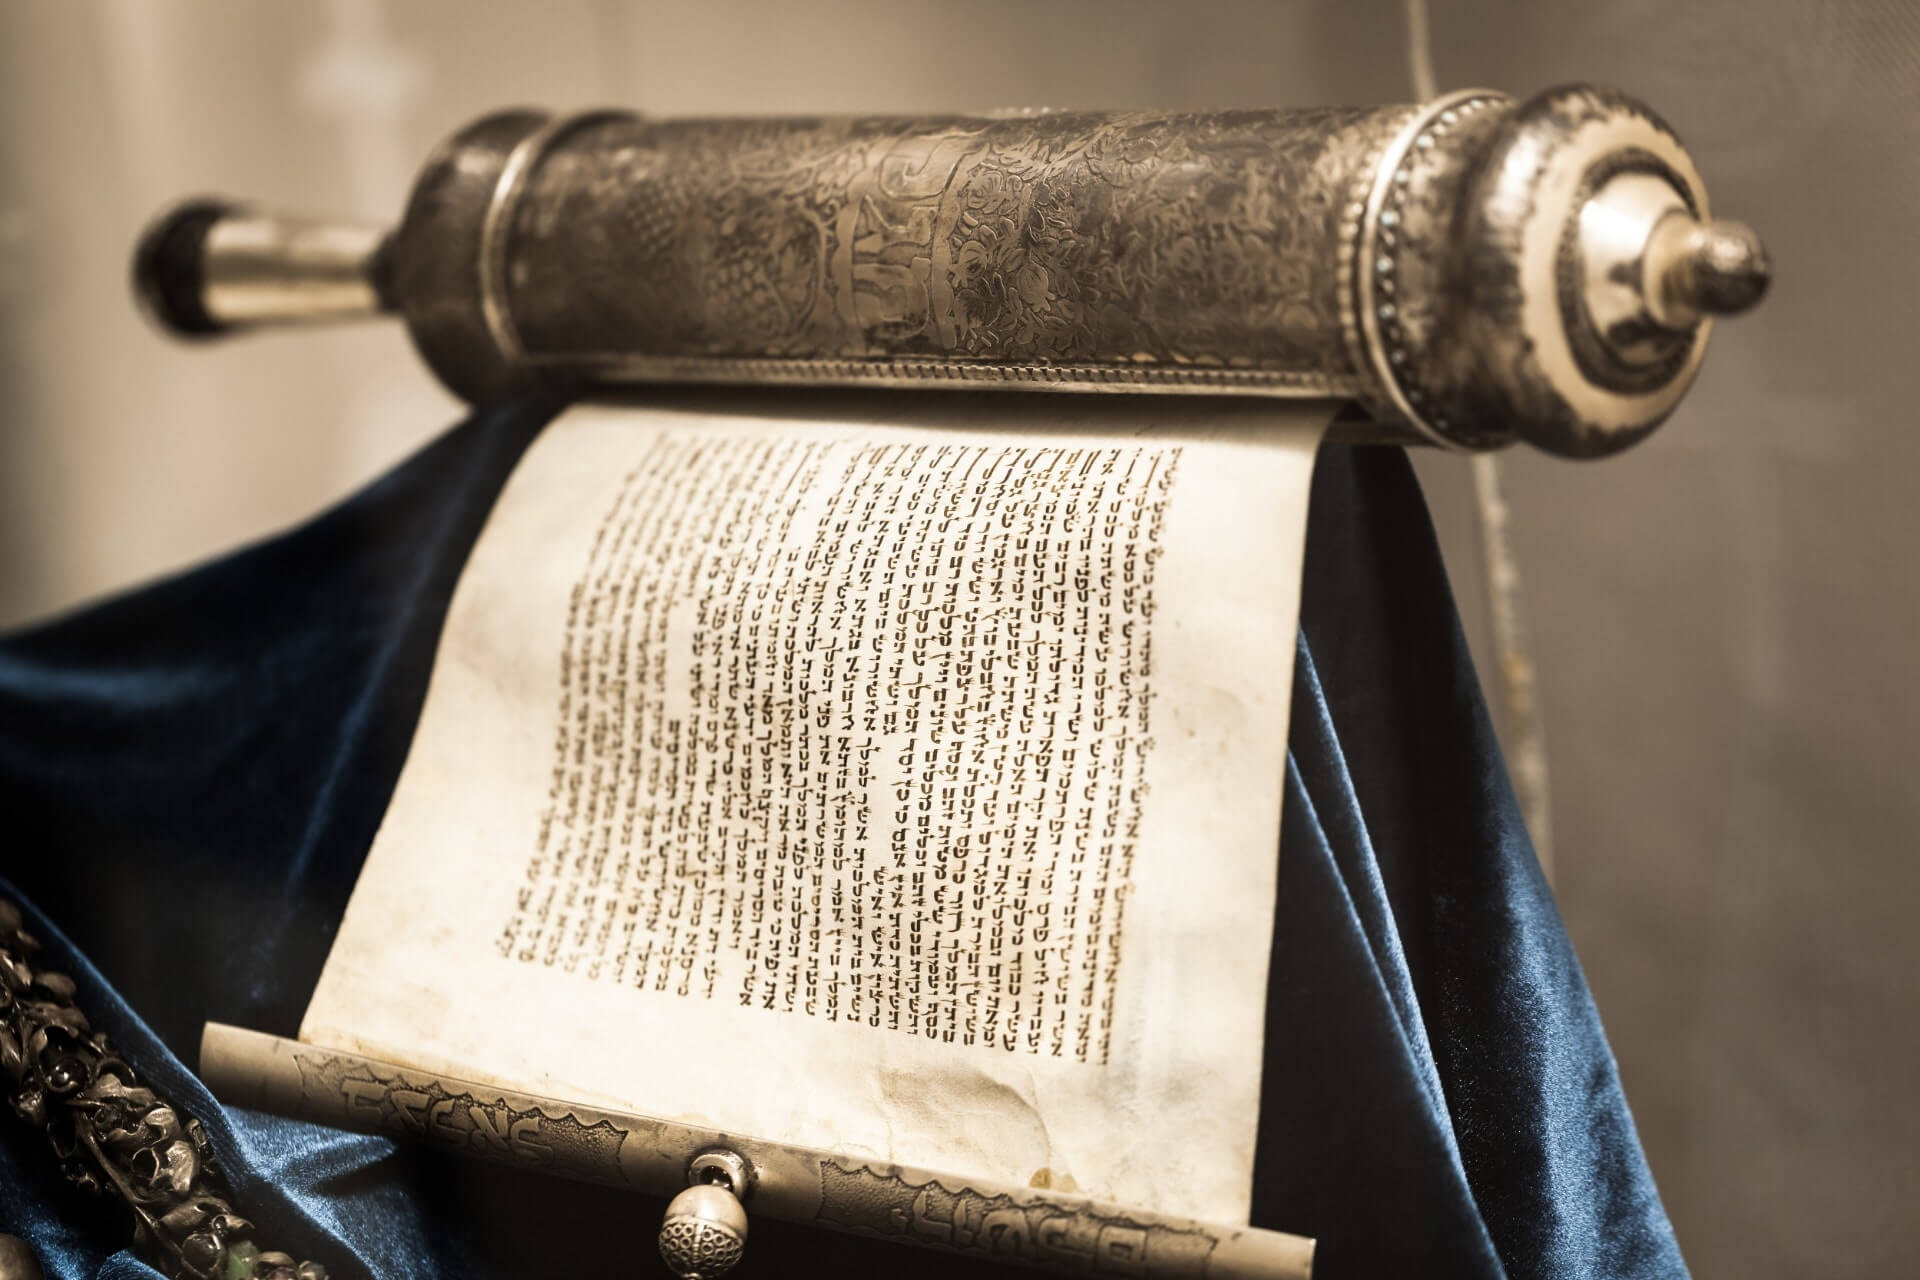 Imagem da Torah aberta